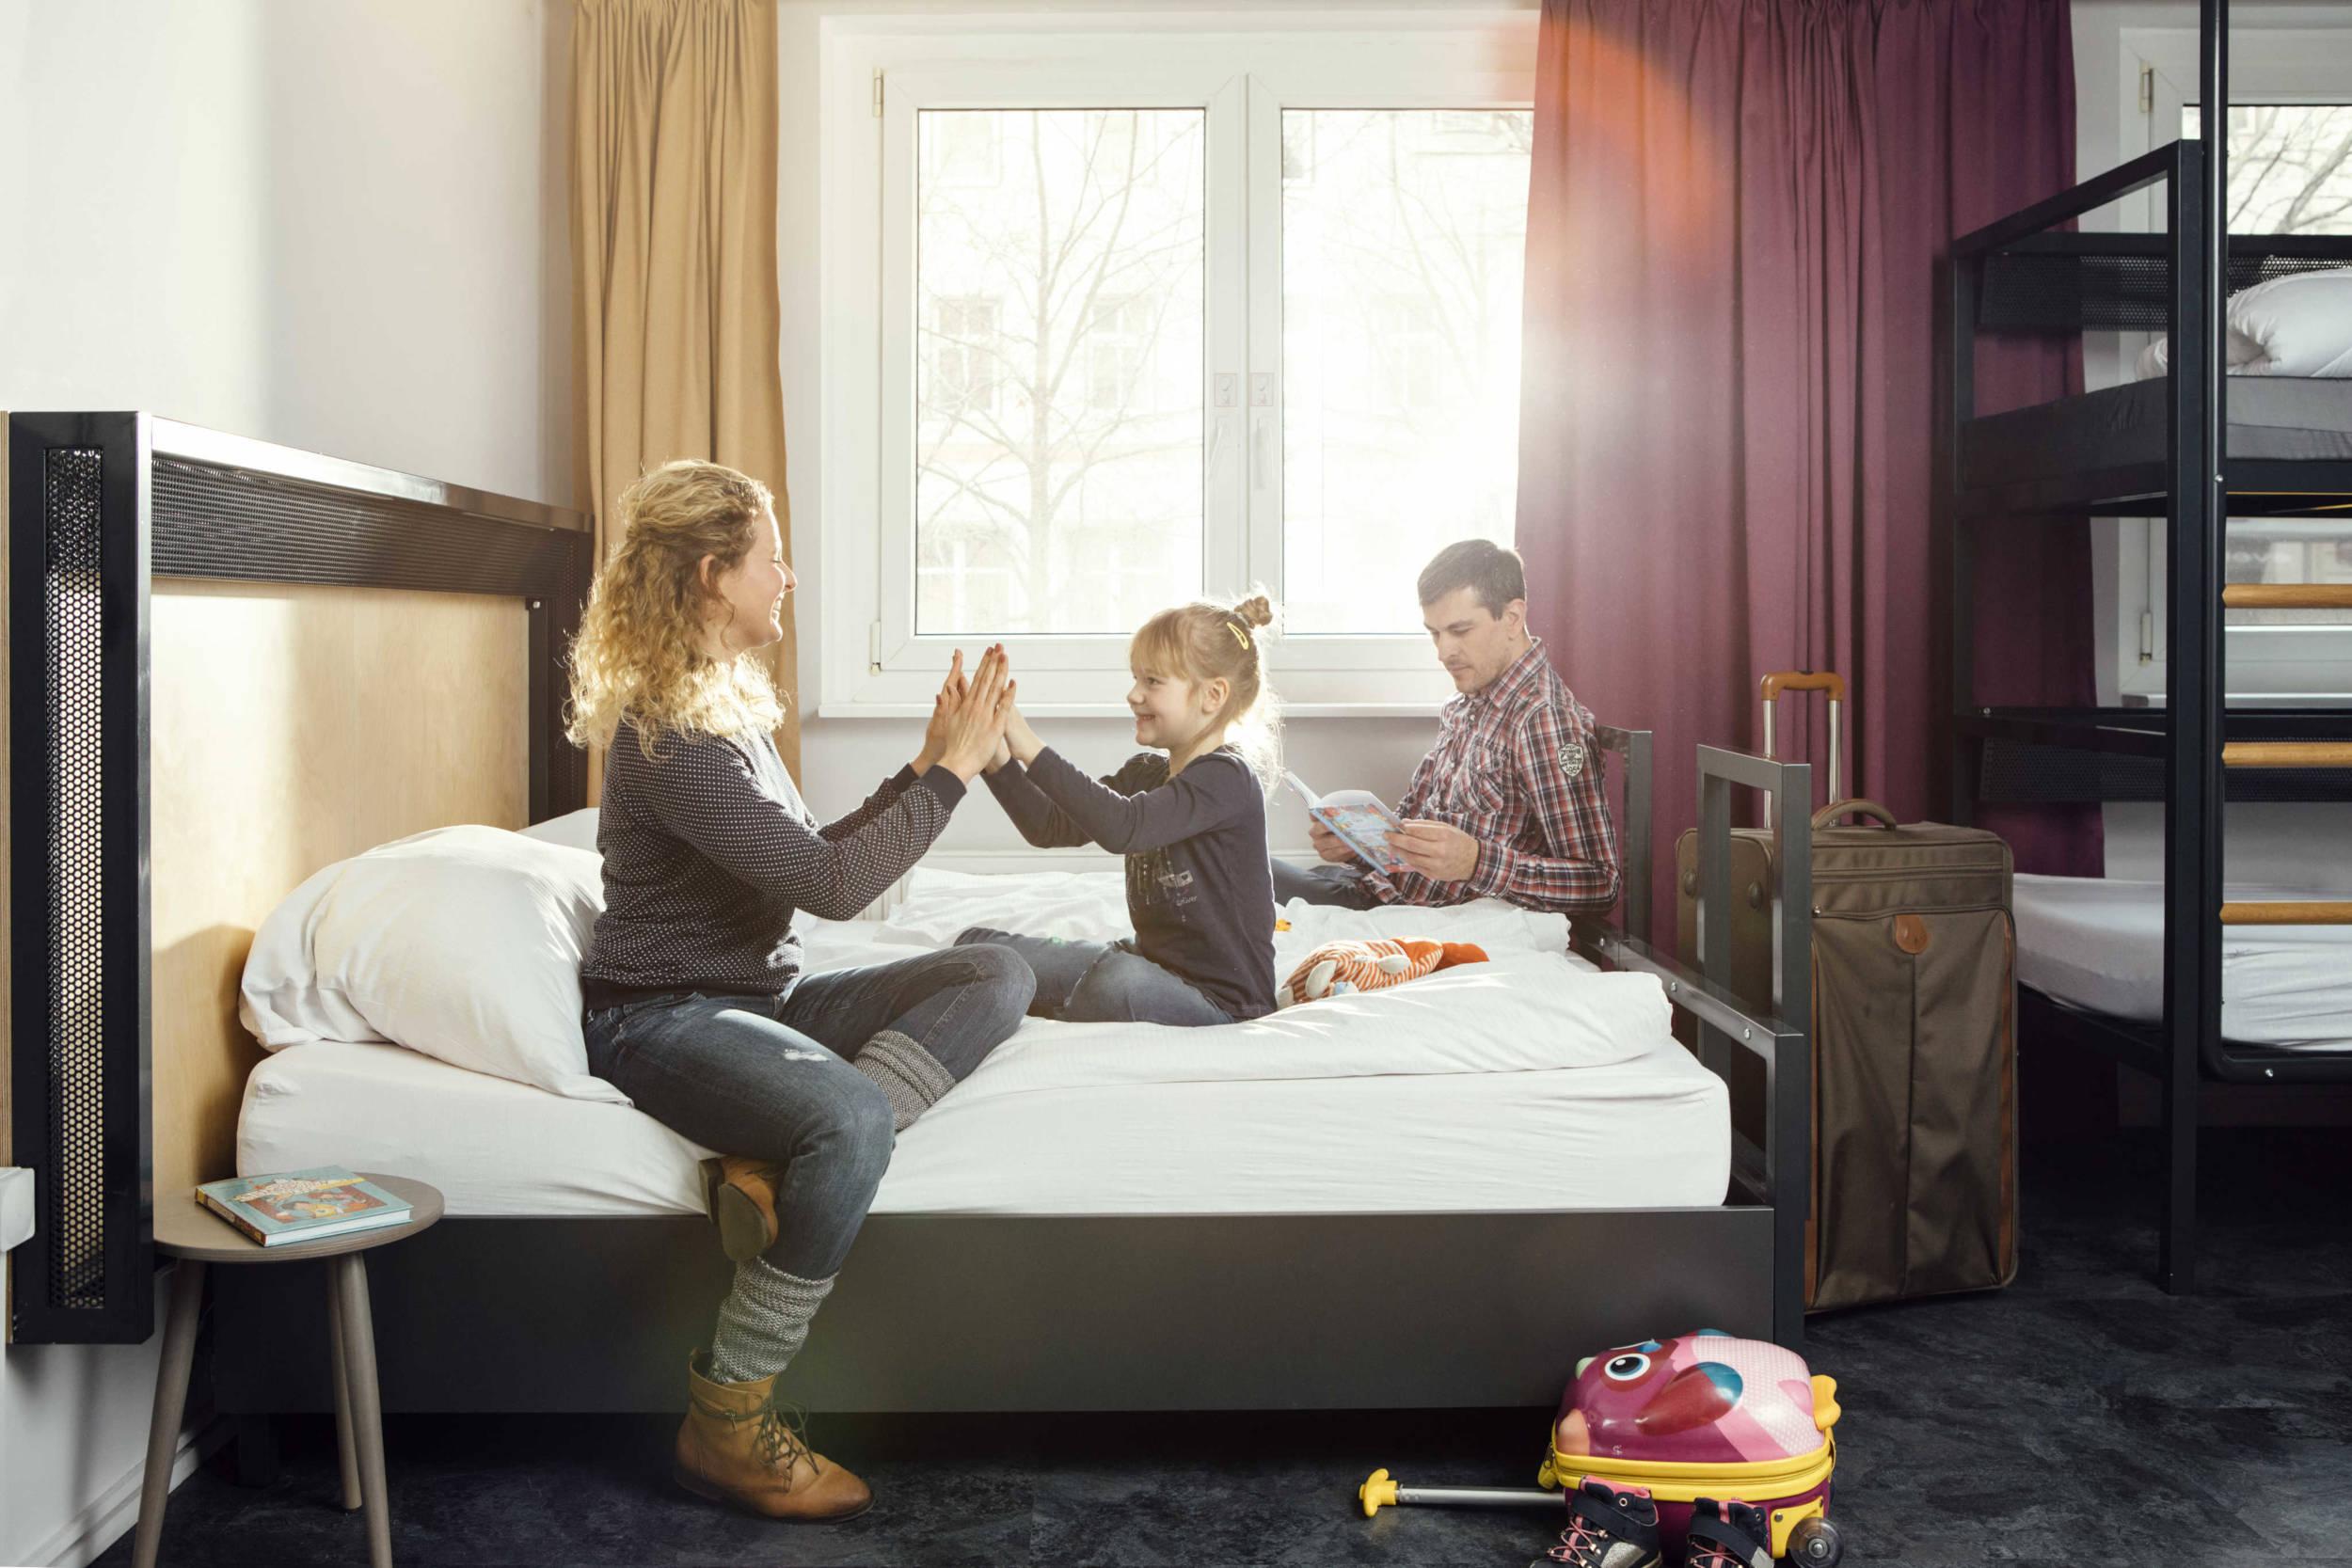 a&o Hotel/Hostel 2 Personen NUR im Juni NUR von Sonntag bis Donnerstag